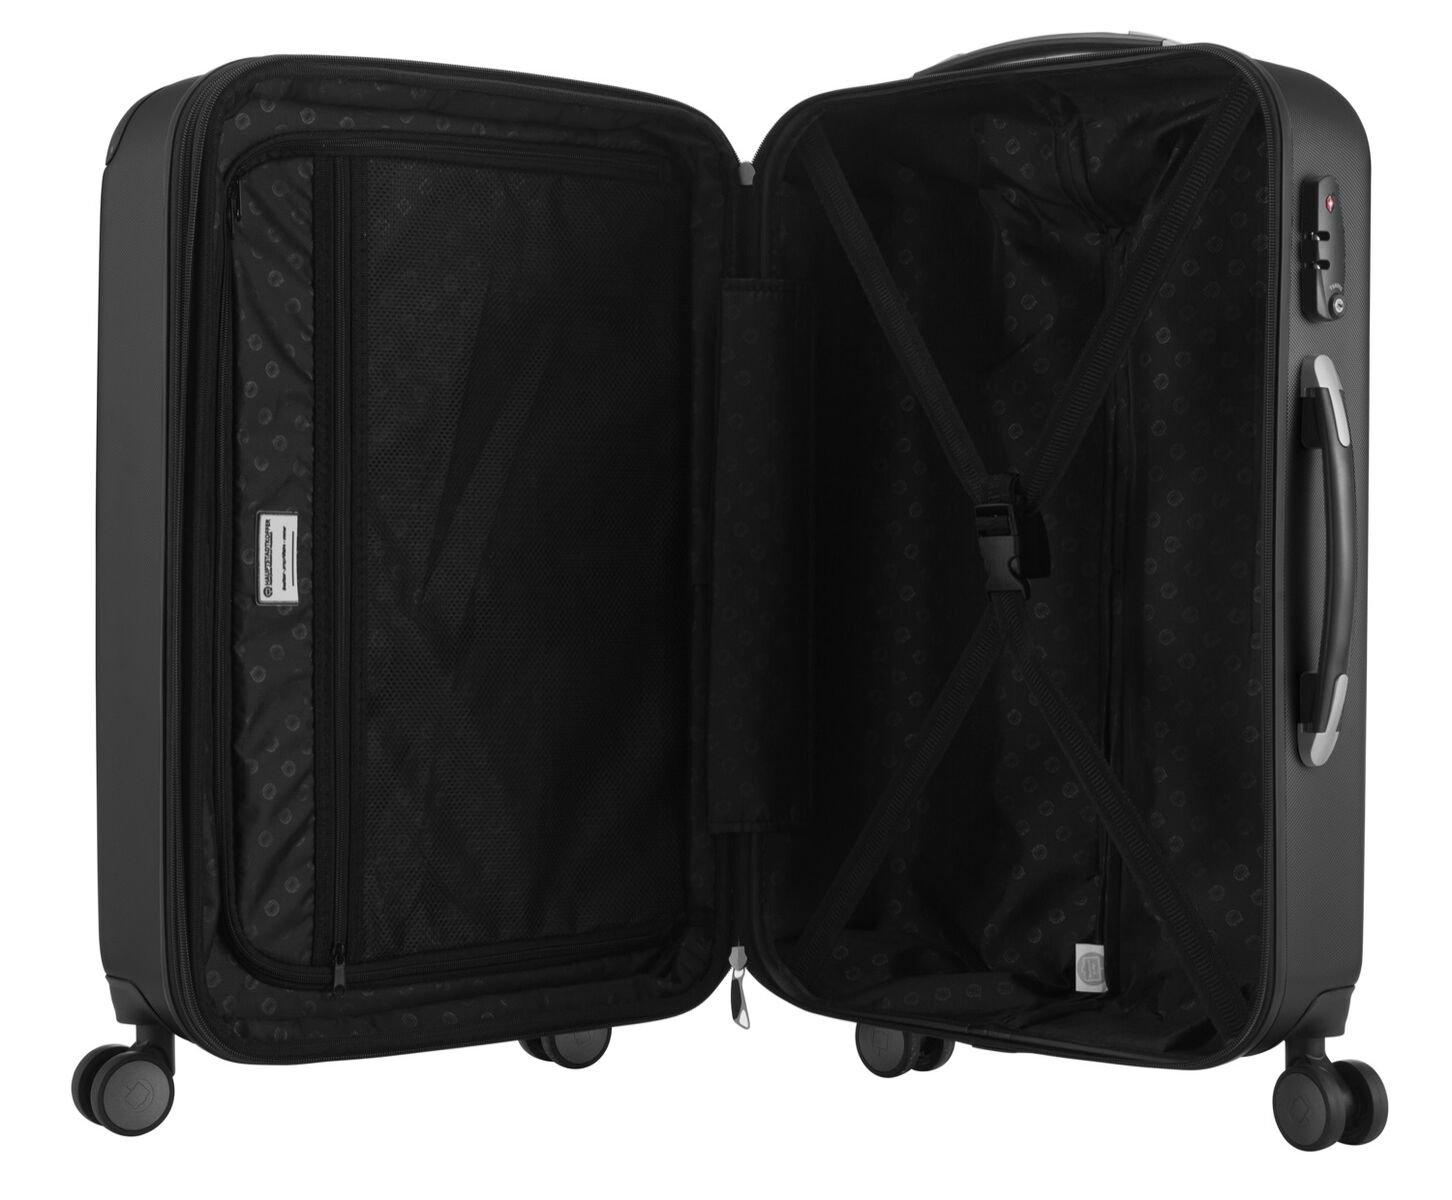 Hauptstadtkoffer-3er-Set-Hartschale-Koffer-Trolley-Serie-Spree-schwarz-matt-20-Reisegutschein